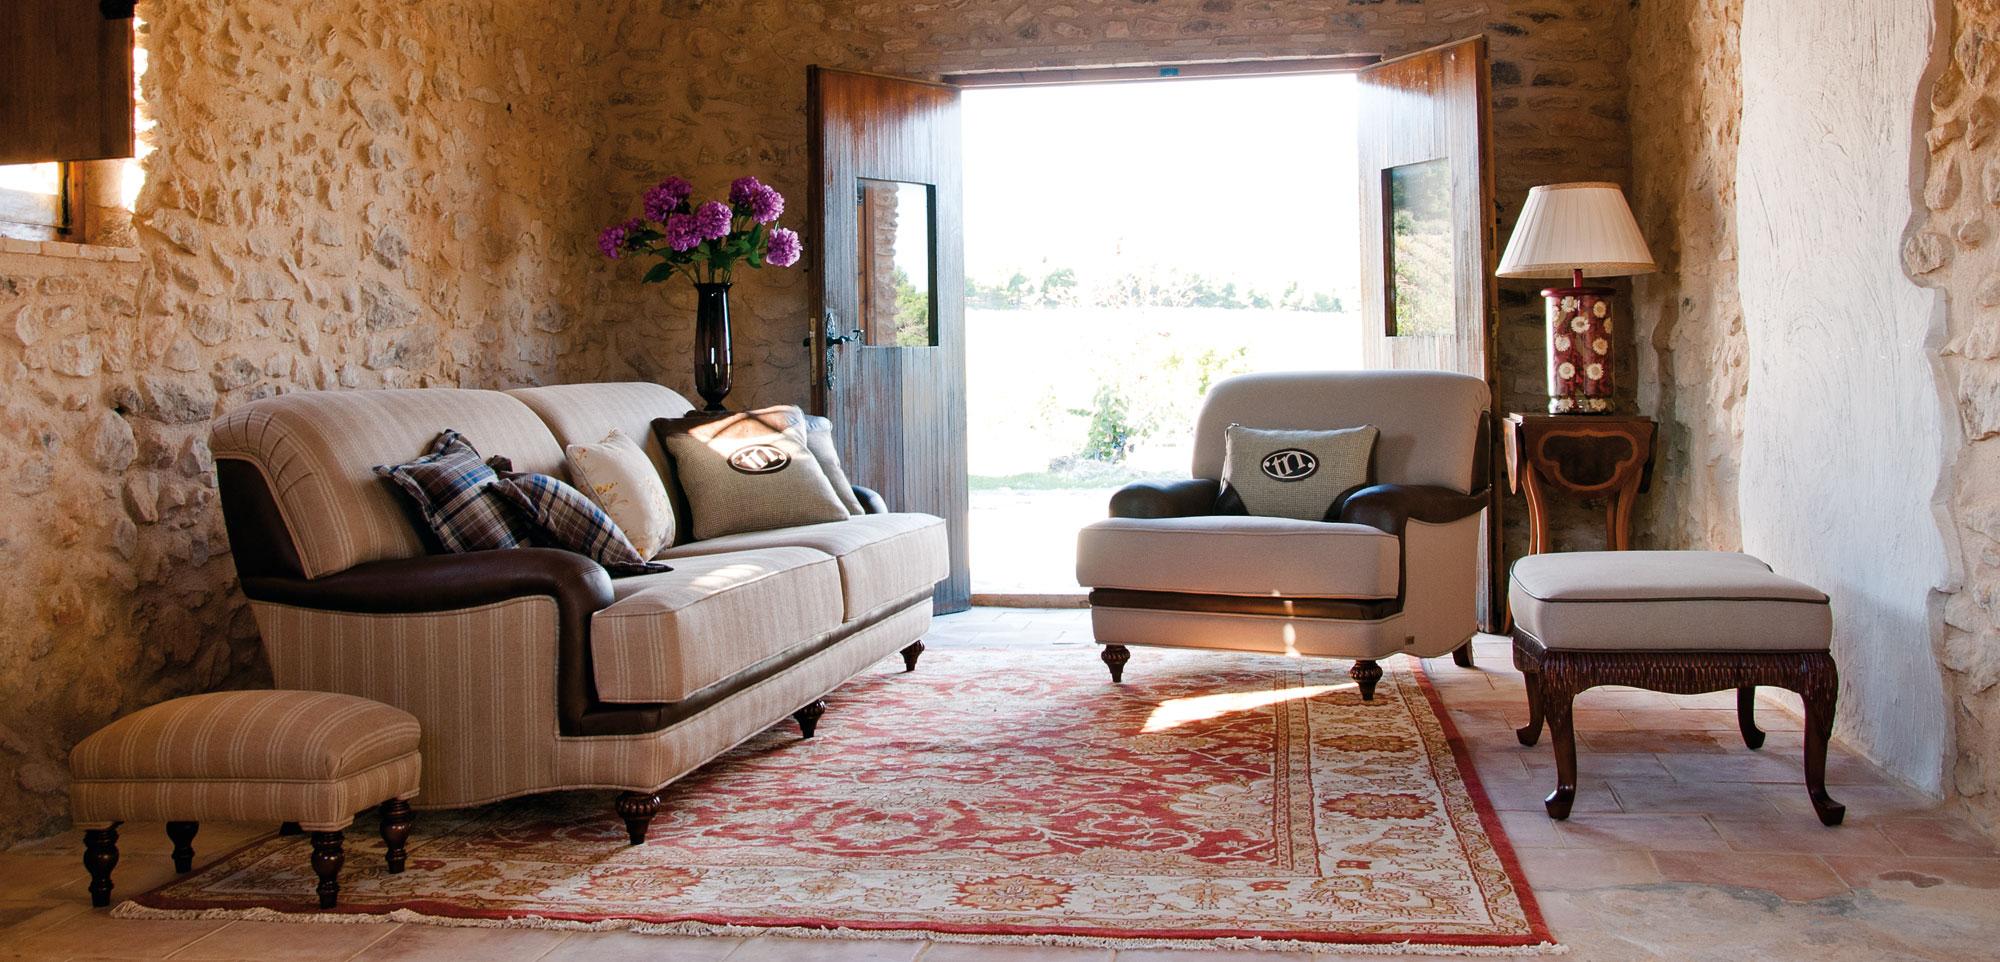 Muebles estilo clasico13 for Muebles estilo clasico